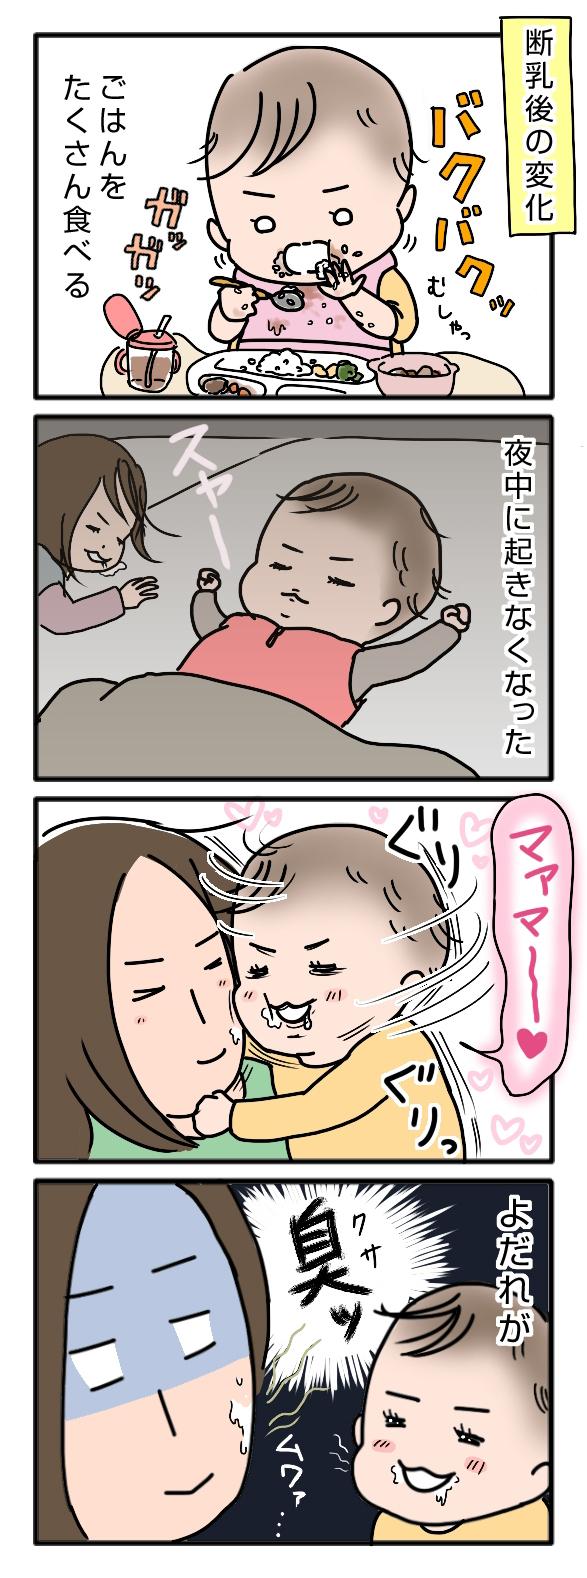 臭い 赤ちゃん よだれ